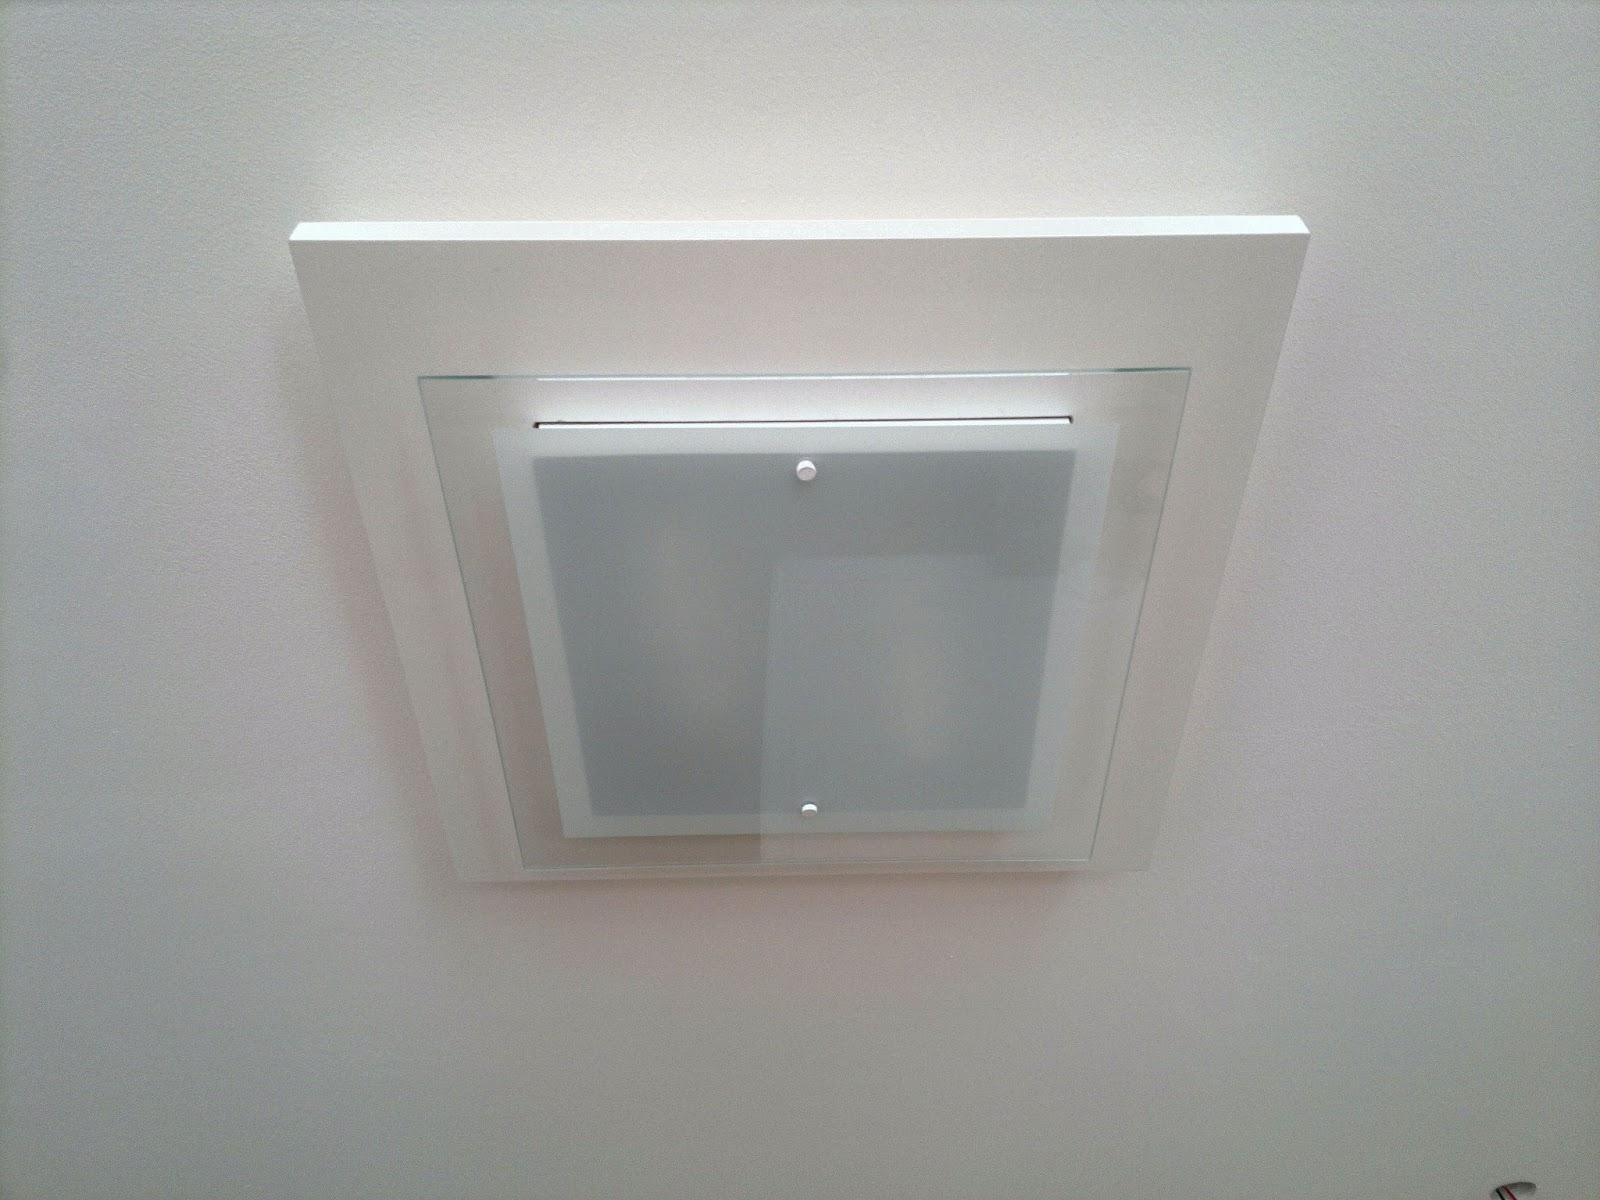 Luminaria De Teto Para Sala De Tv ~ Para cômodos pequenos as luminárias de embutir são mais indicadas